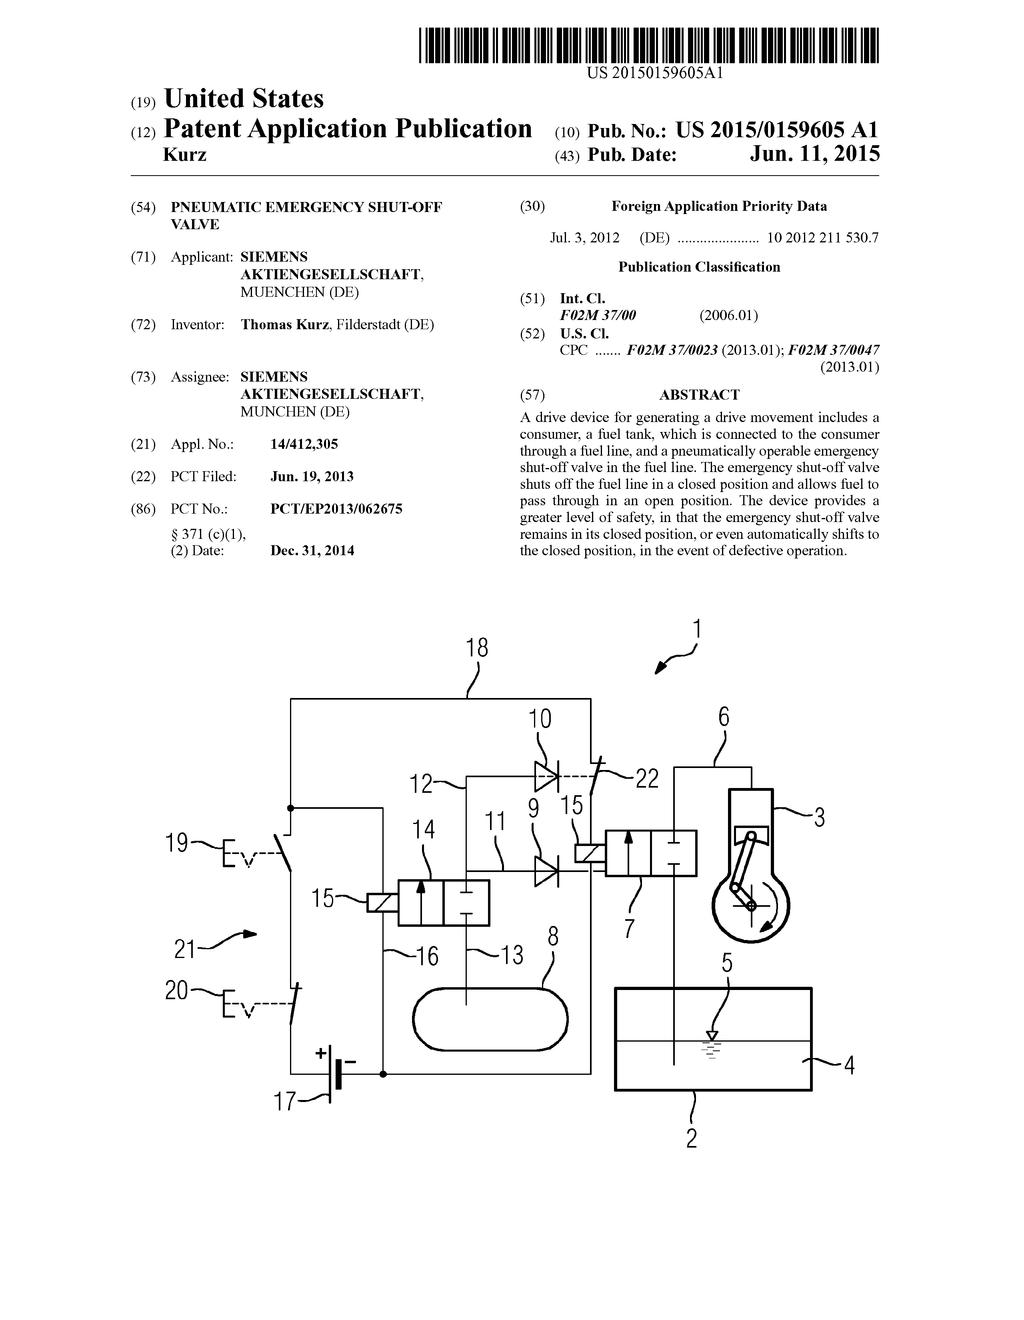 hight resolution of shut off diagram wiring diagrams shut off diagram pneumatic emergency shut off valve diagram schematic